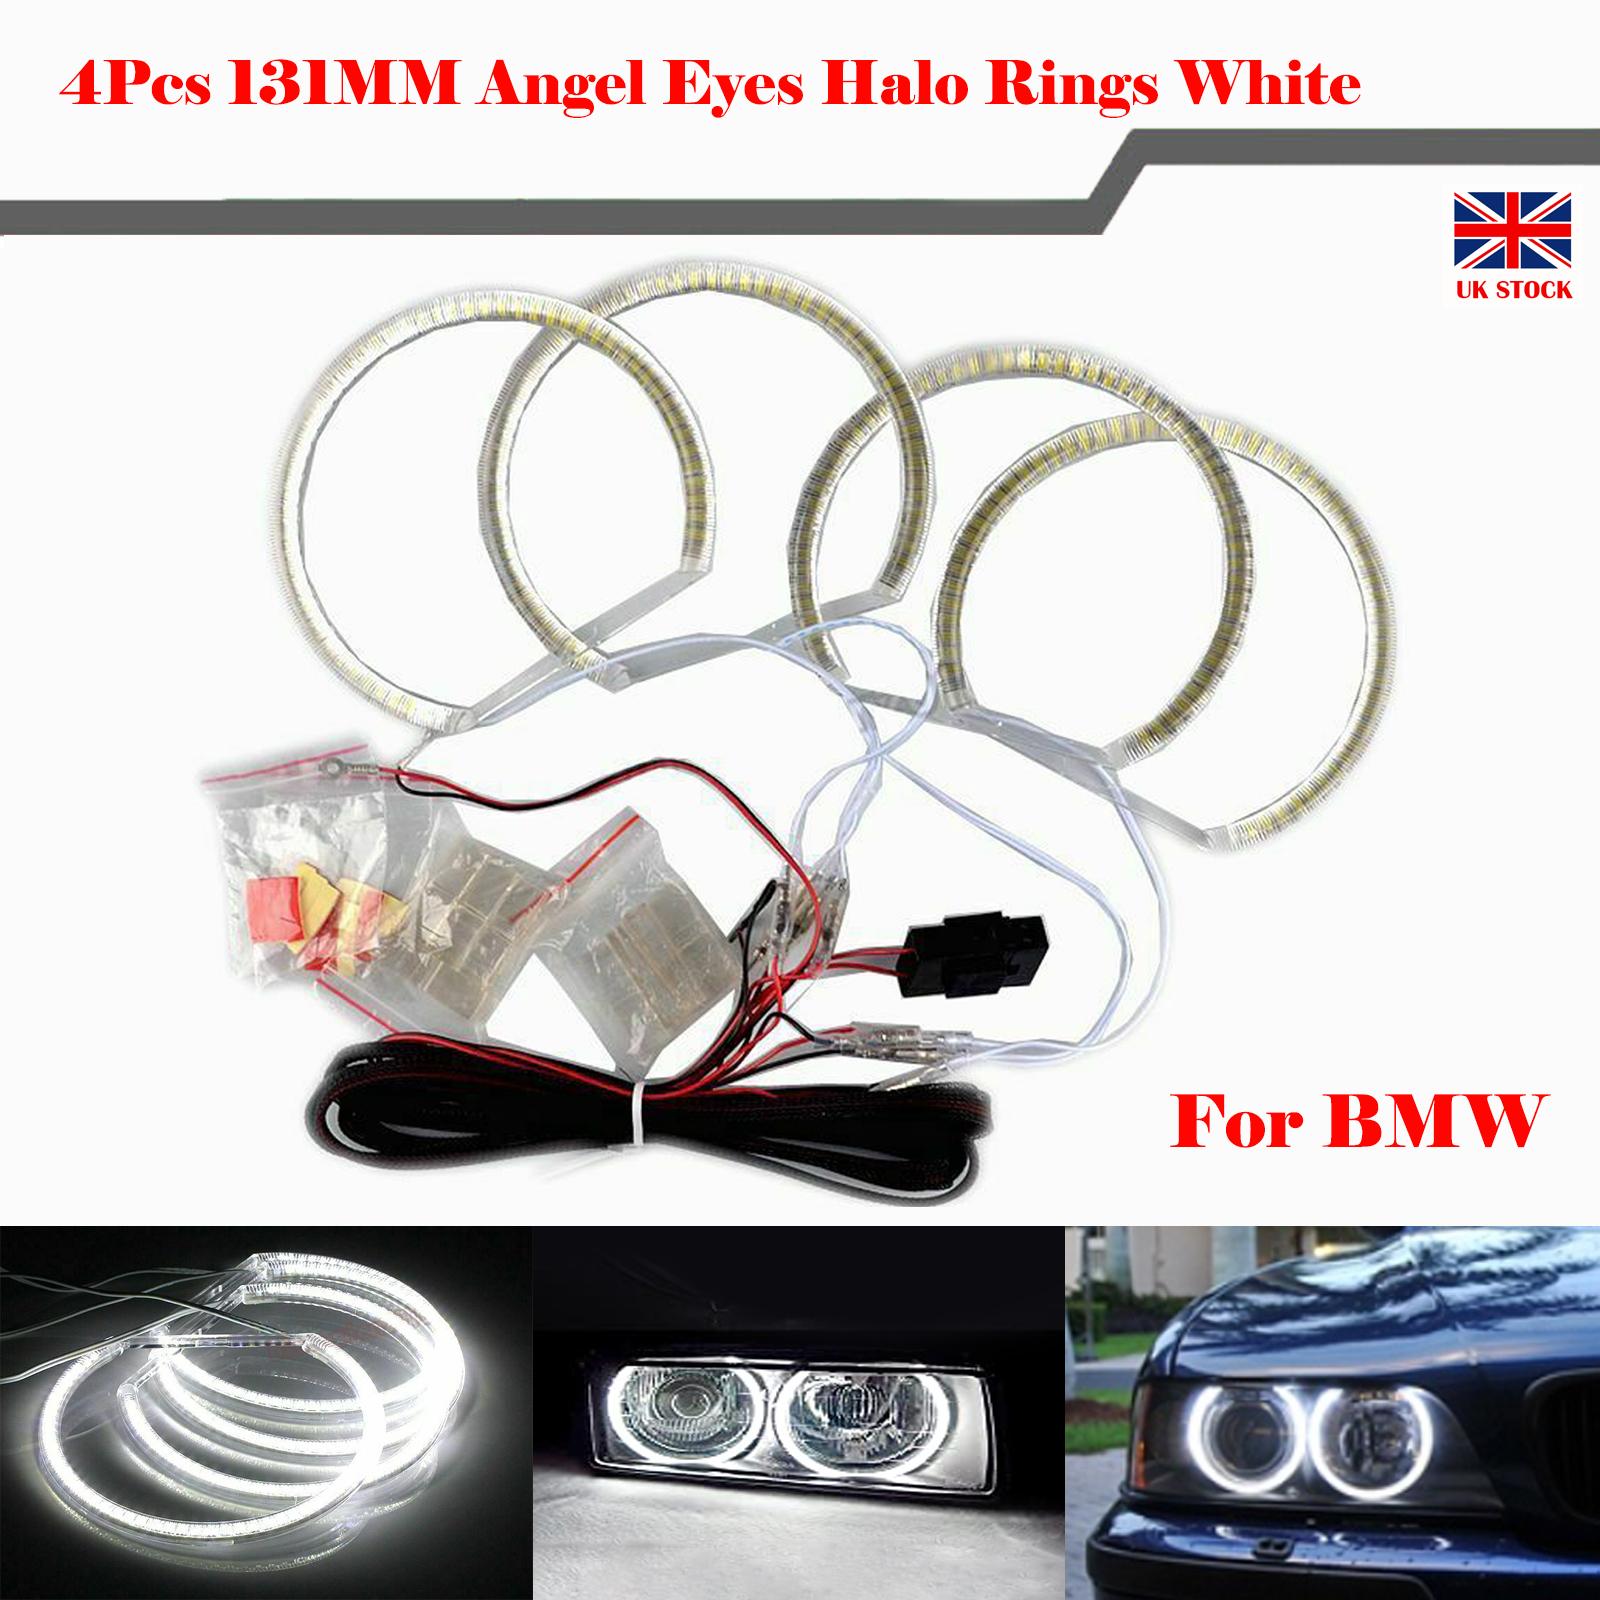 4 131mm Led Angel Eyes Halo Rings White Light Error Free For Bmw E36 E38 E39 E46 610877986828 Ebay